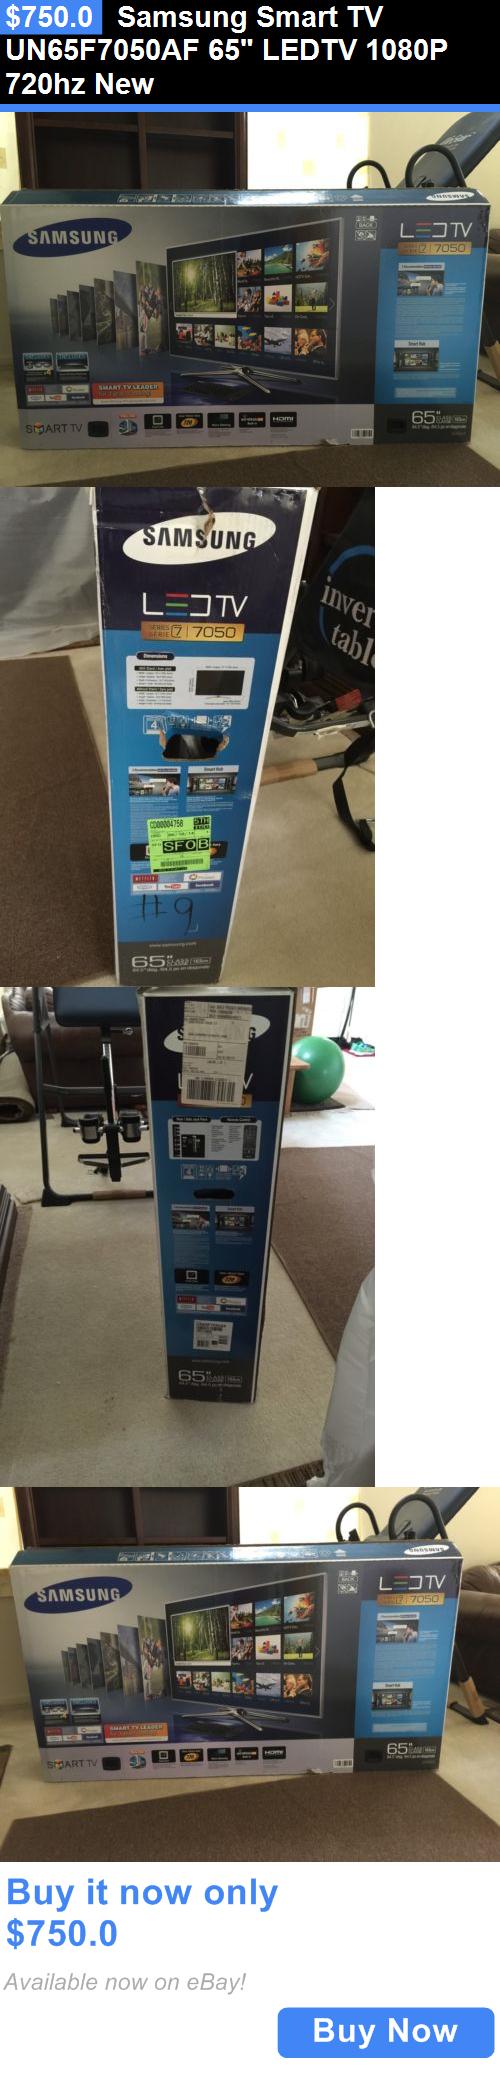 Samsung UN65F7050AF LED TV Download Driver